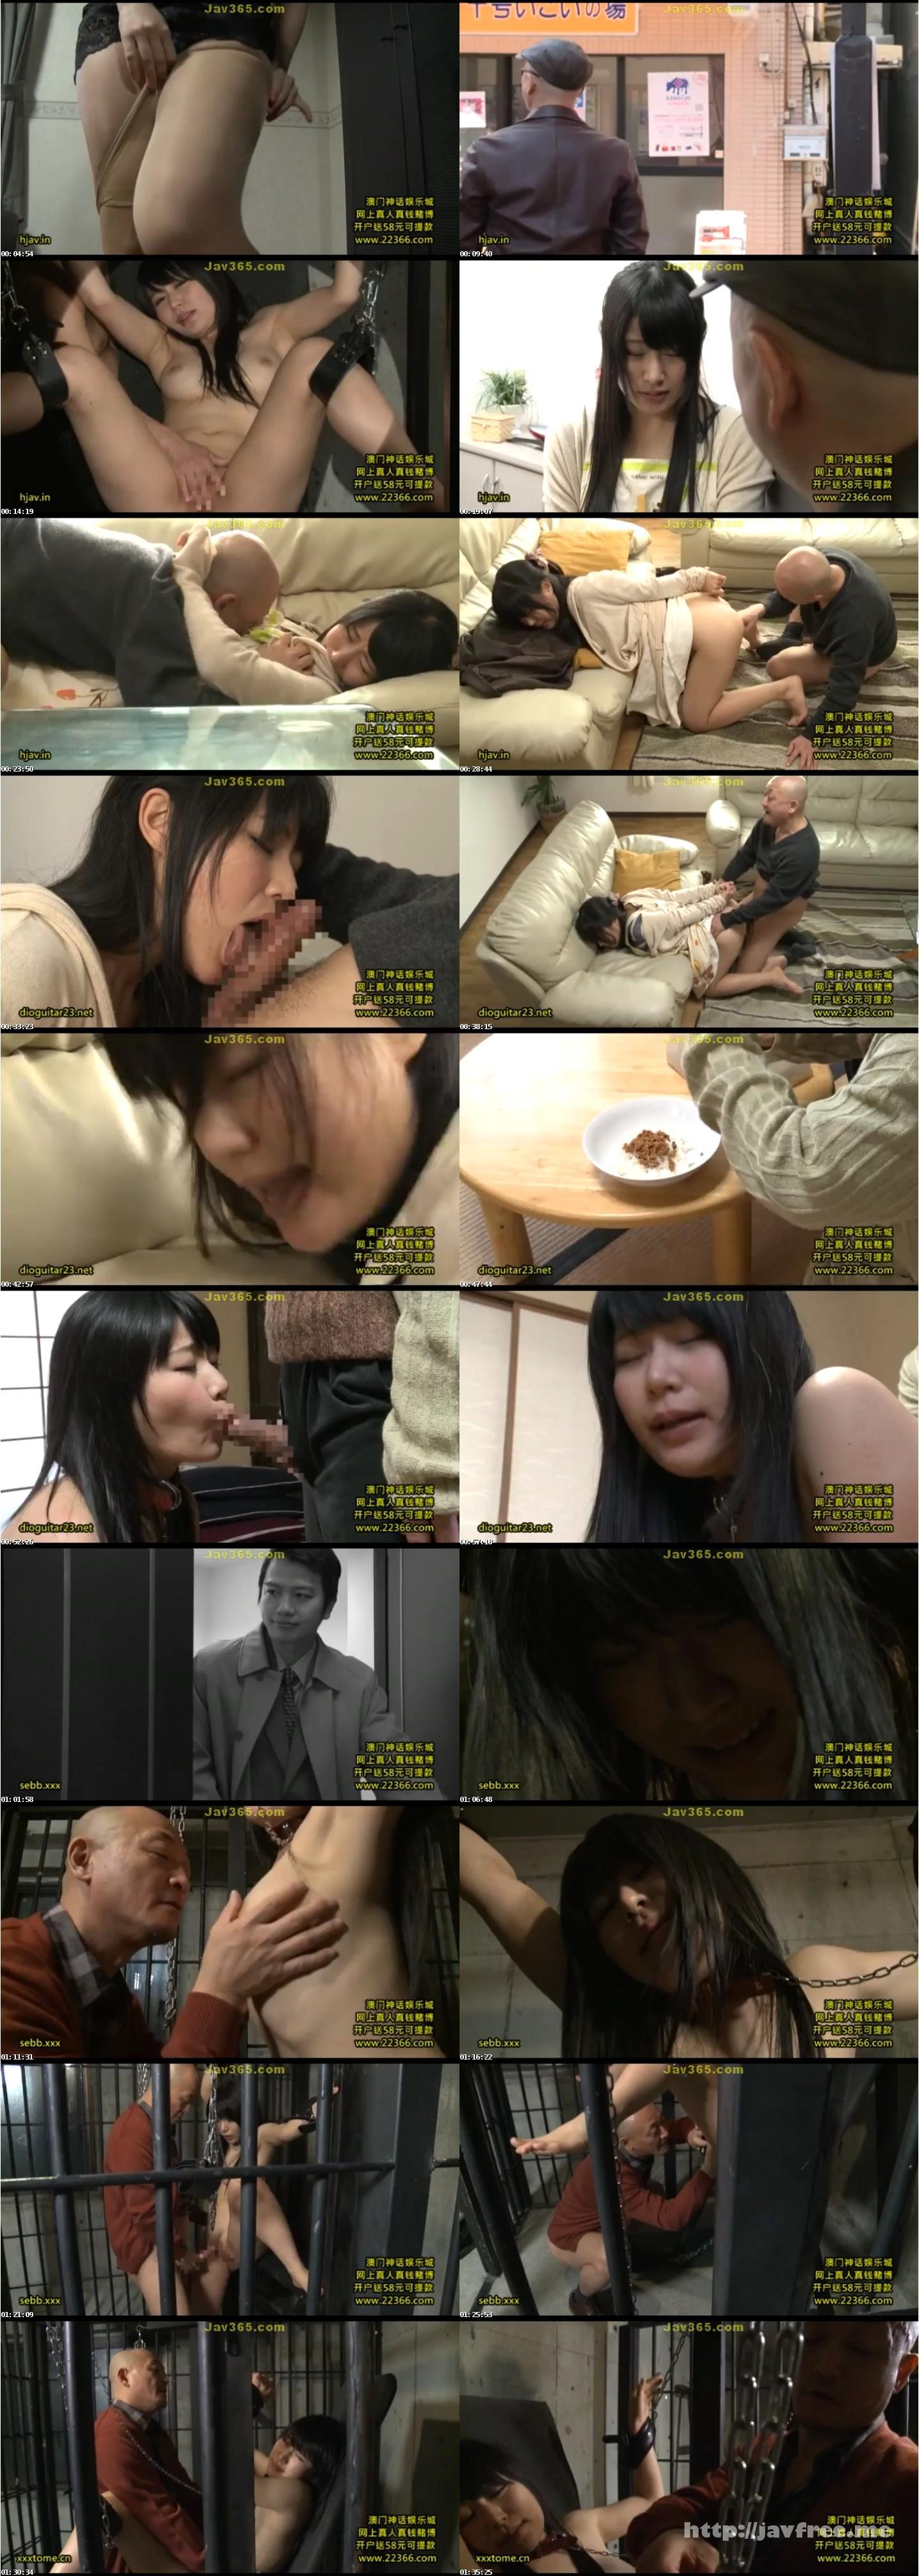 [DTRS 012] レイプ 陵辱 監禁 調教 結局、毎回、膣内射精。 原千草 原千草 DTRS